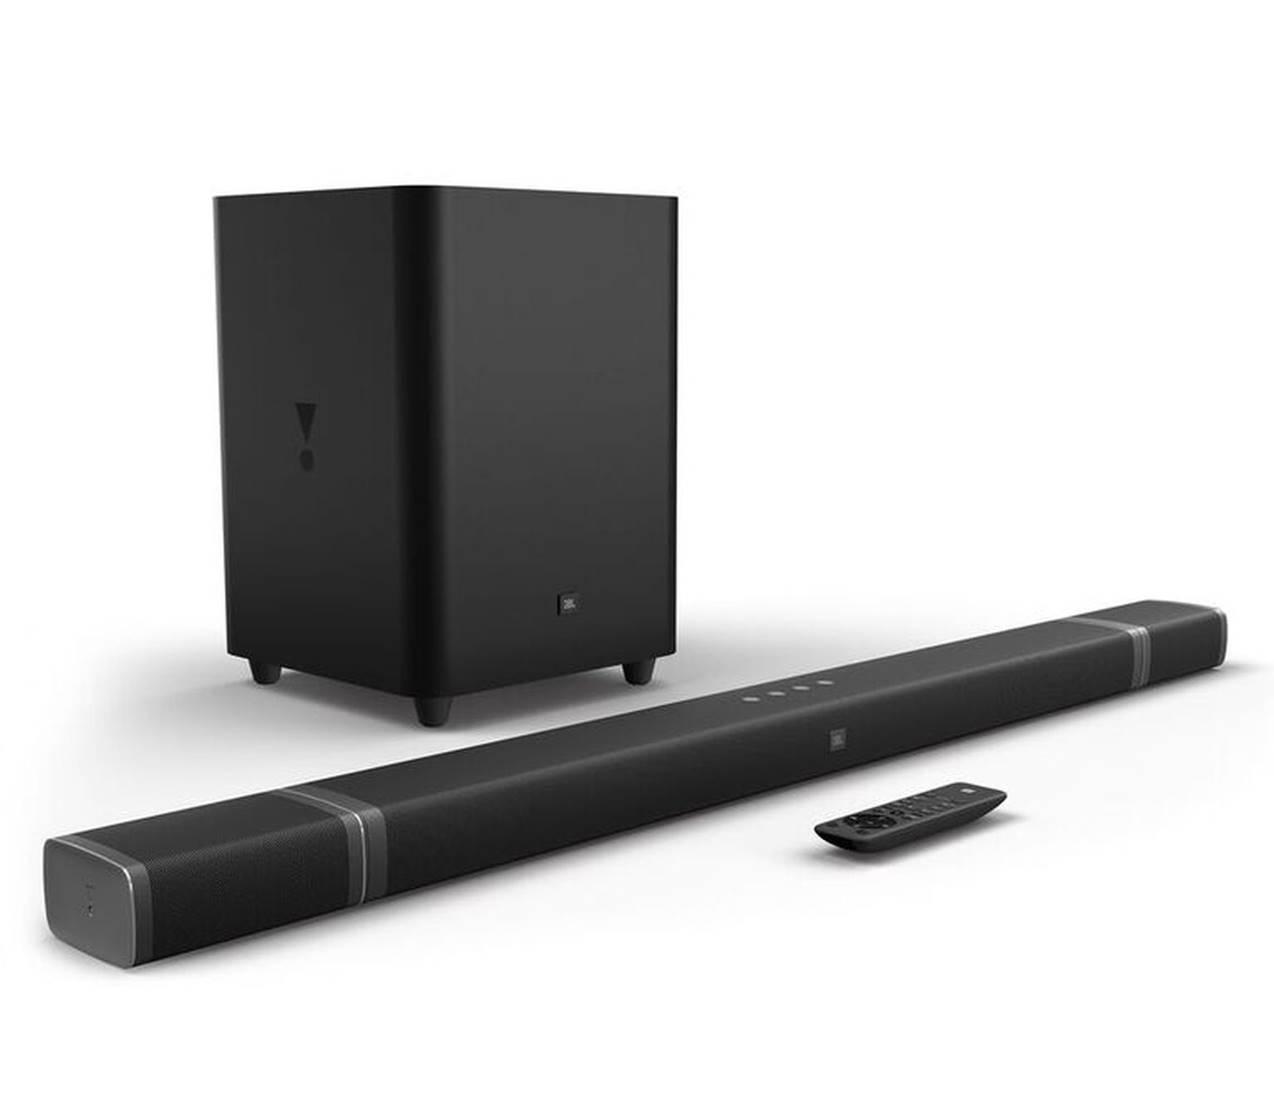 JBL Bar Ultra-HD Home Theater Soundbar